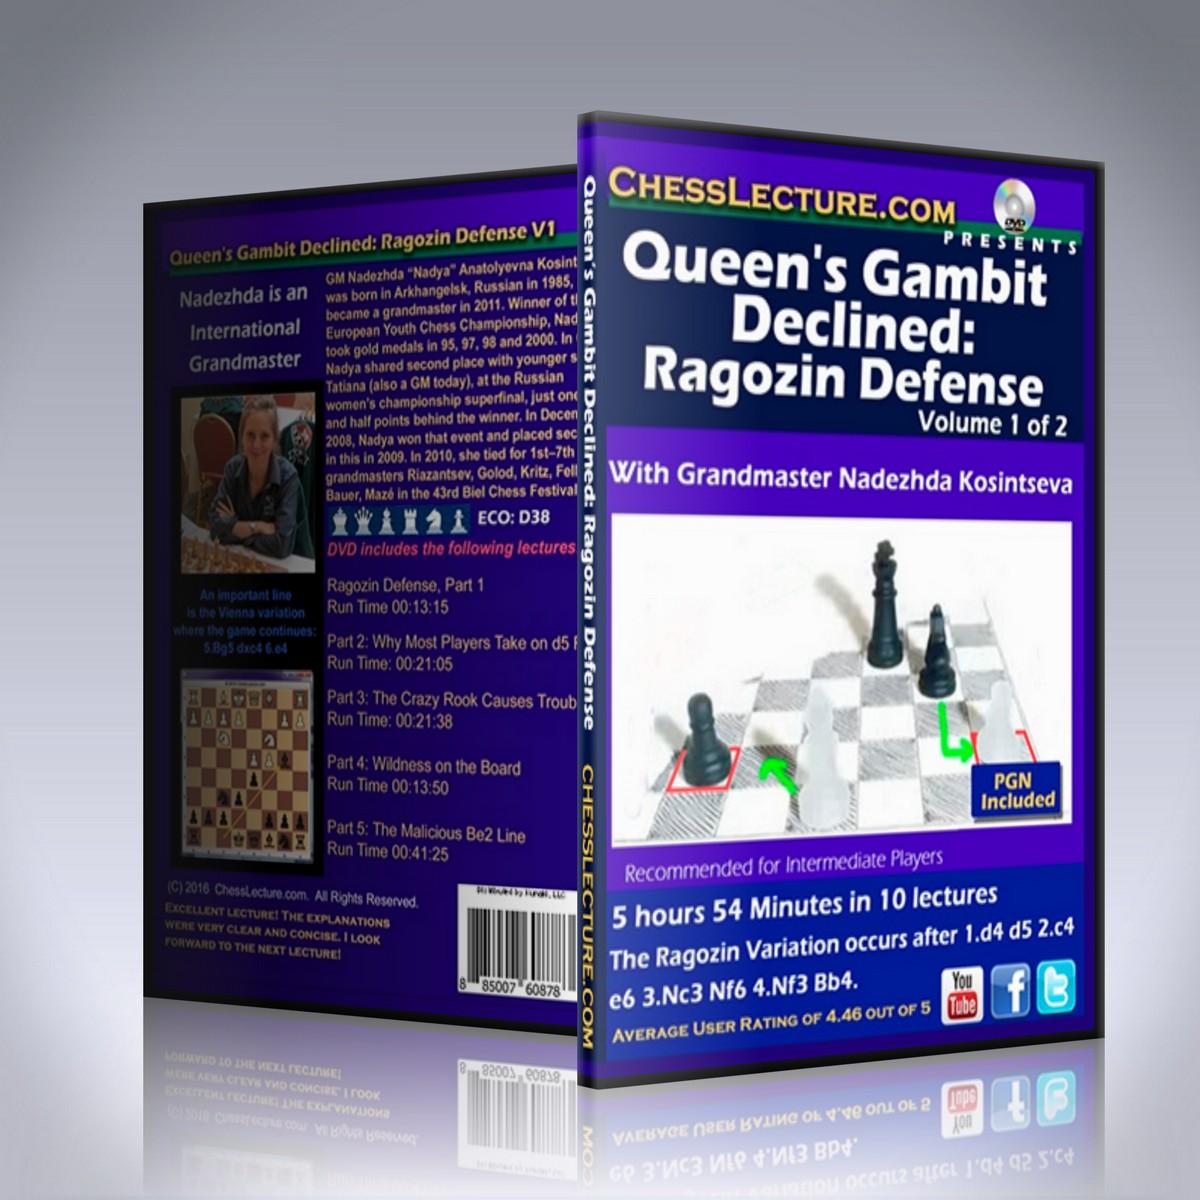 Queen's Gambit Declined: Ragozin Defense 2 DVD set – GM Nadezhda Kosintseva